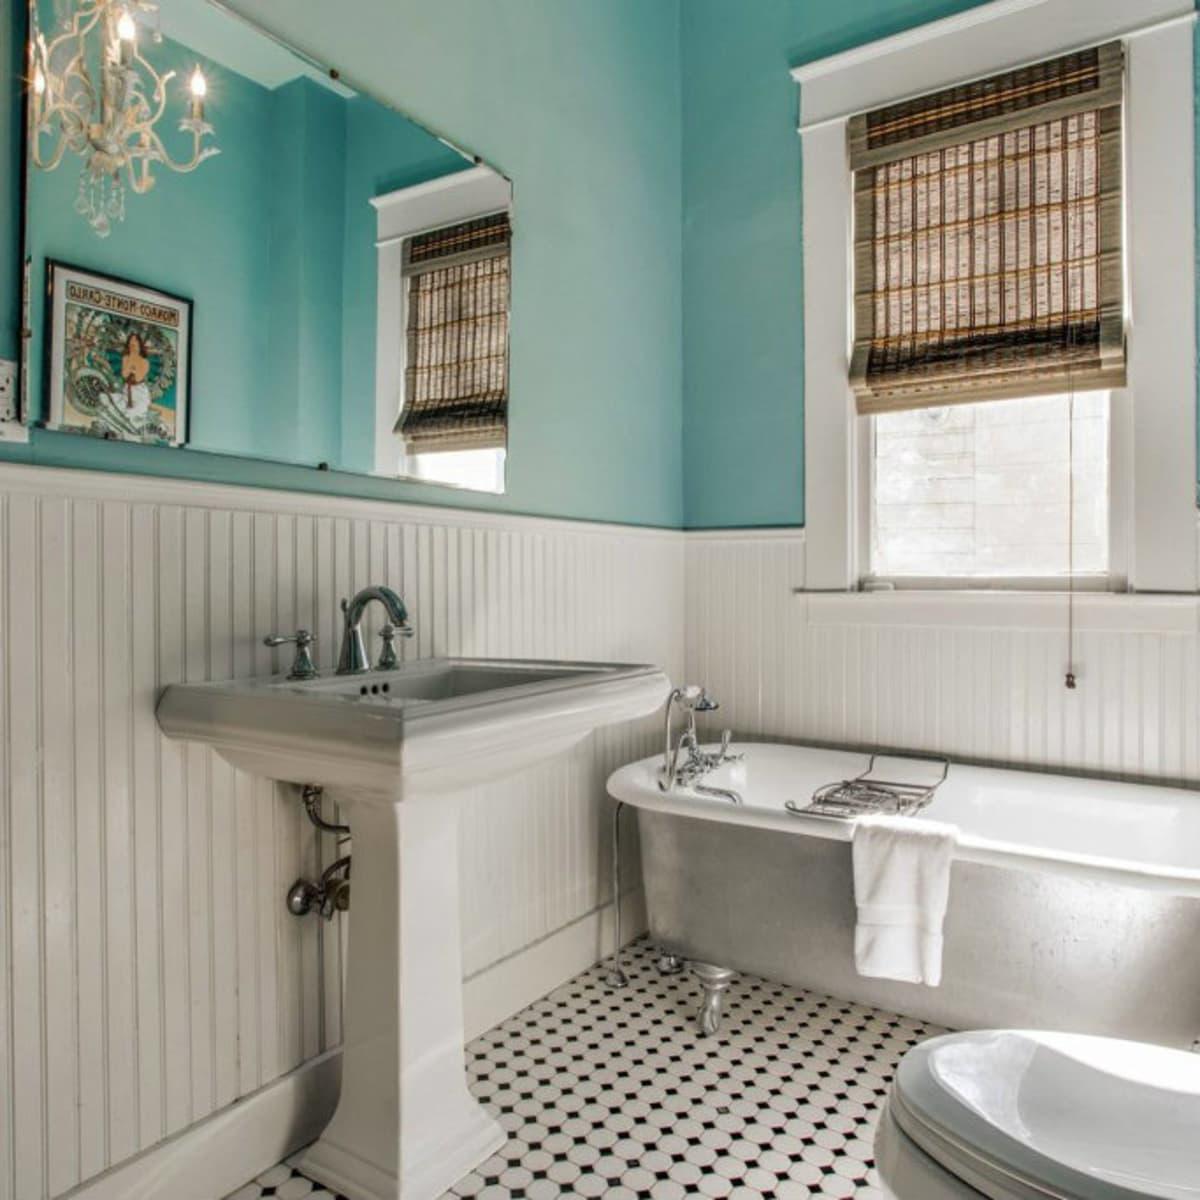 118 N. Winnetka guest bathroom